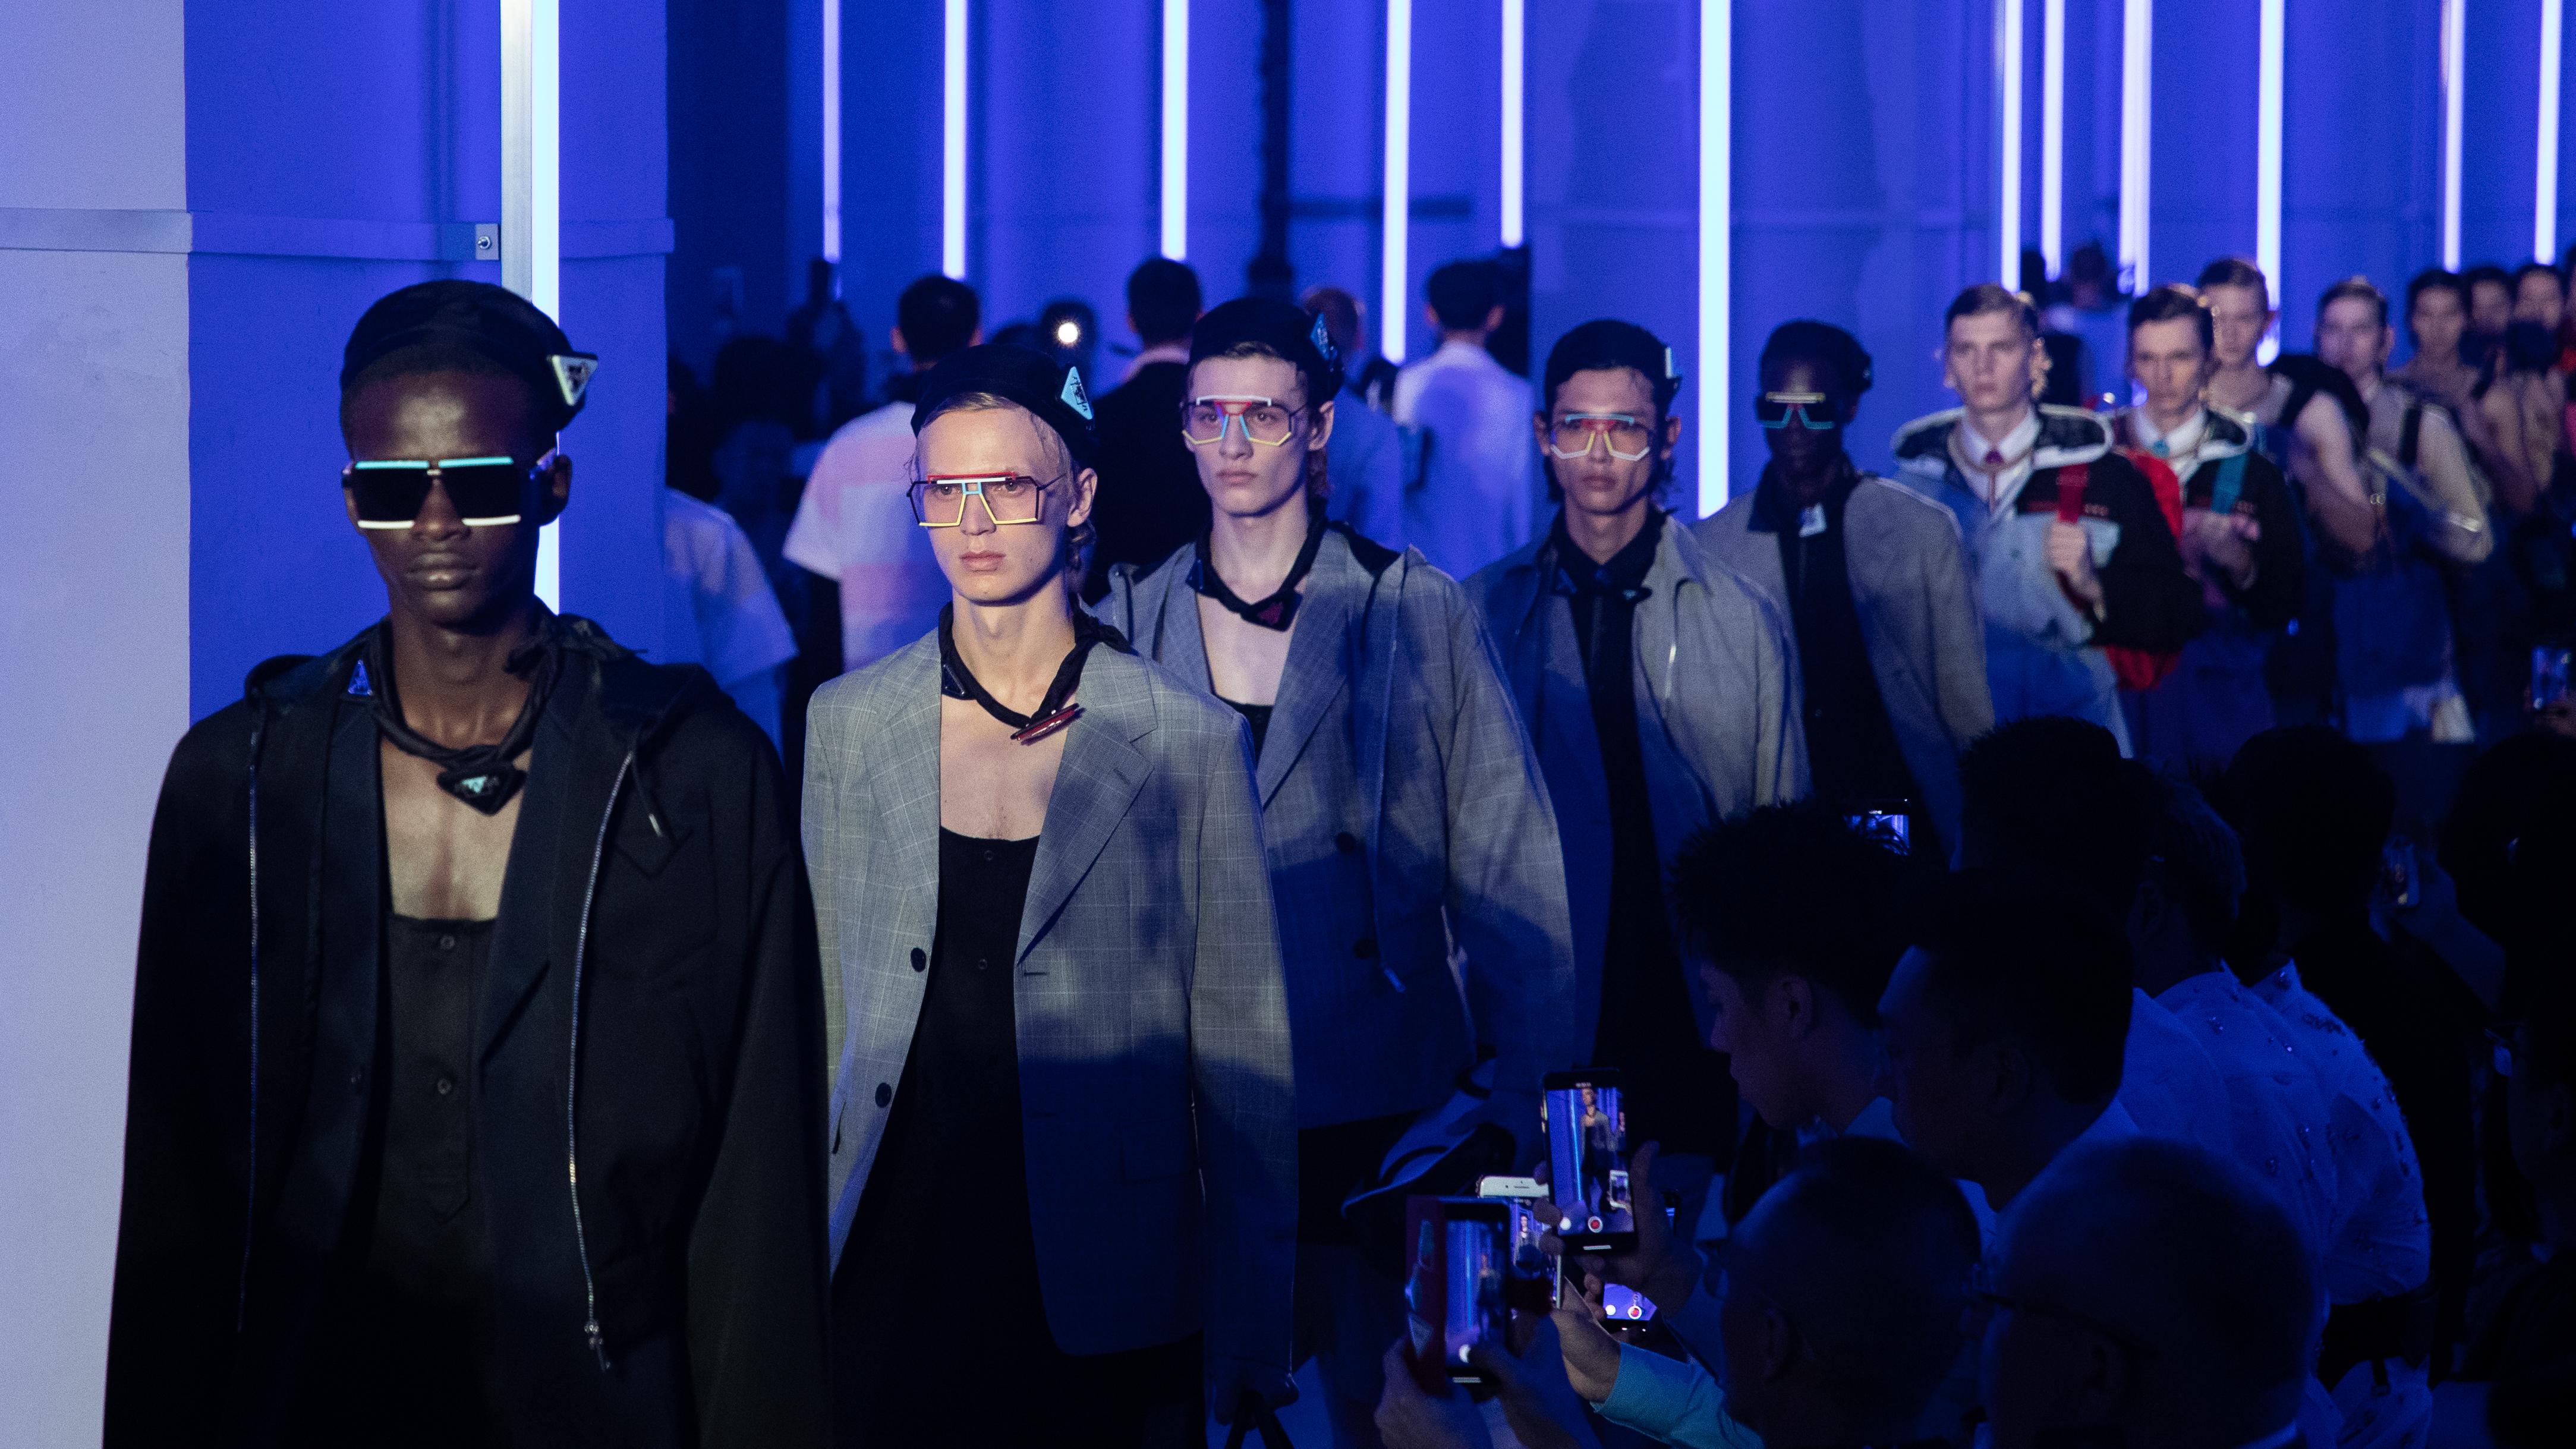 Prada Spring-Summer 2020 Menswear fashion show